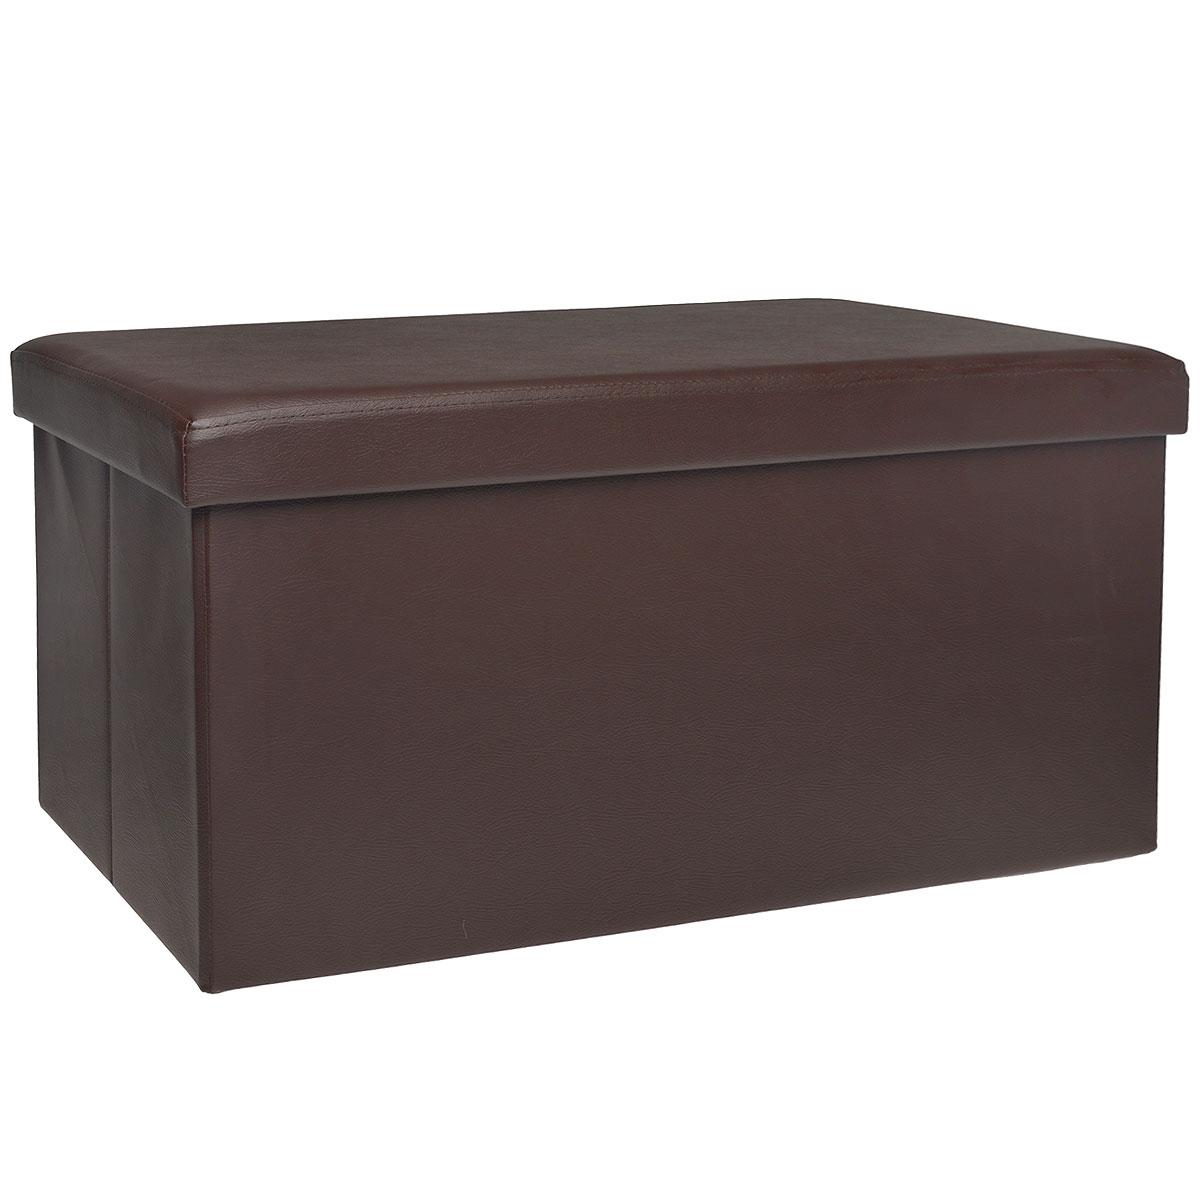 Пуфик Hausmann, с отделением для хранения, цвет: коричневый, 76 x 38 x 38 см4A-211-1Пуфик Hausmann- это очень удобная система хранения вещей в виде пуфика (стульчик), выдерживающего до 200 кг. Пуфик выполнен из МДФ и обтянут одноцветной искусственной кожей. Для мягкого сидения верхняя часть набита поролоном. Такой пуфик станет оригинальным объектом интерьера вашей прихожей или комнаты.